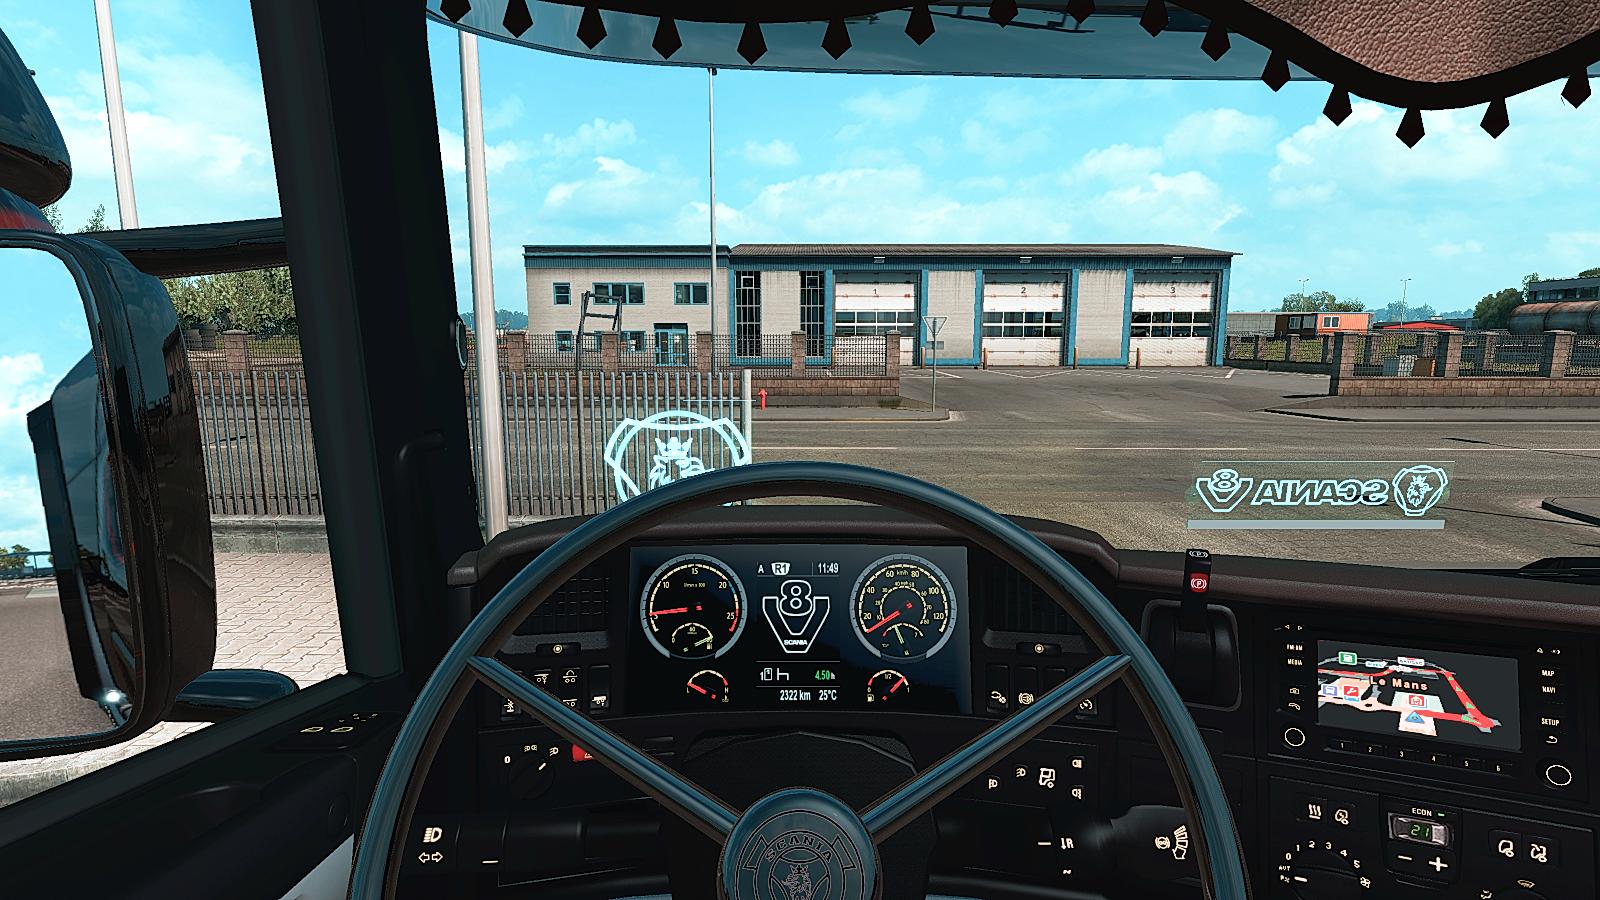 eurotrucks2 2018-06-04 18-23-12.png - Euro Truck Simulator 2